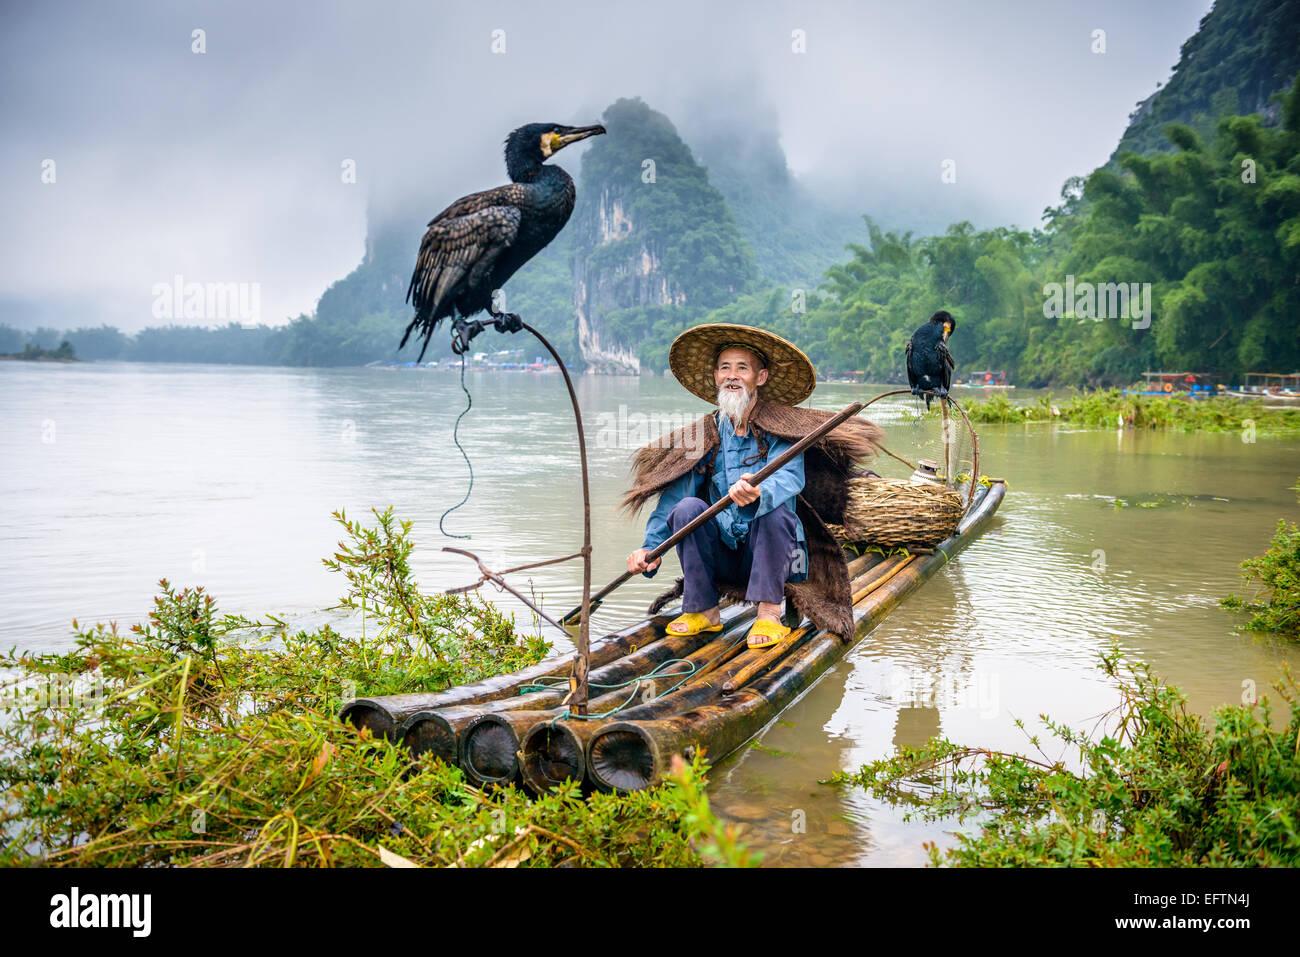 Cormorán pescador y su ave en el río Li en Yangshuo, Guangxi, China. Foto de stock